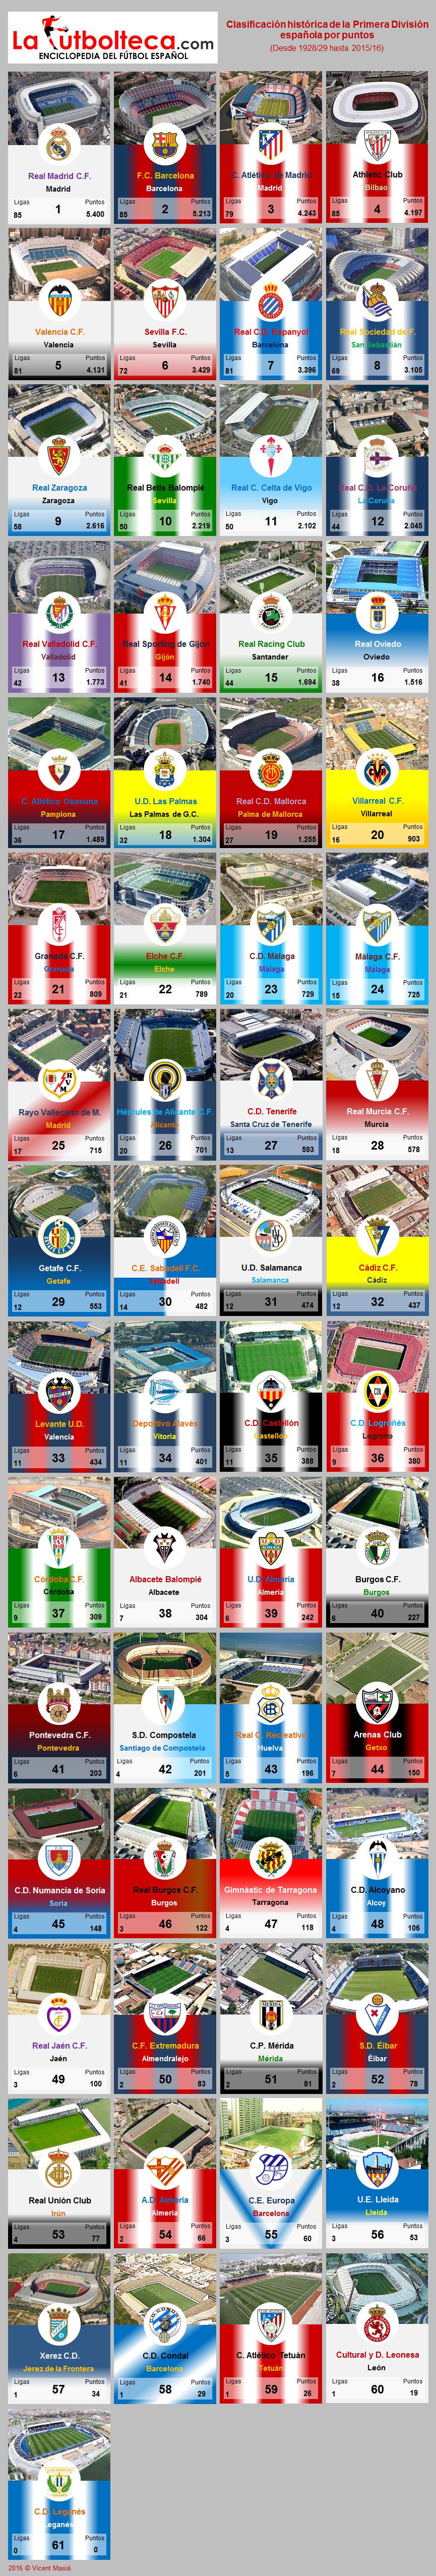 La esferomaquia La clasificacion historica de Primera Division 4